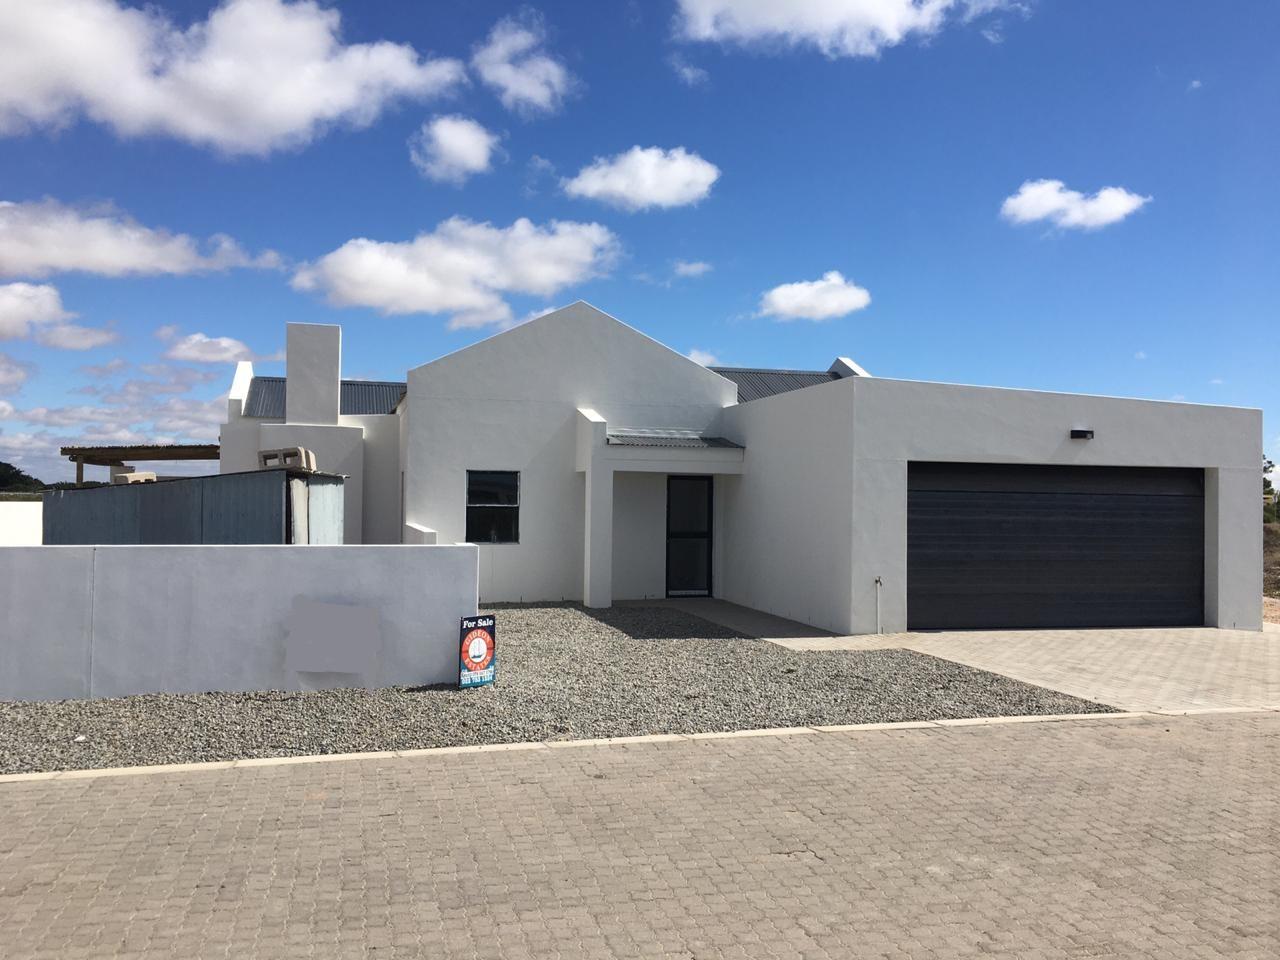 PLOT AND PLAN  3 bedroom house for sale in Laaiplek, Velddrif – Ref 2729